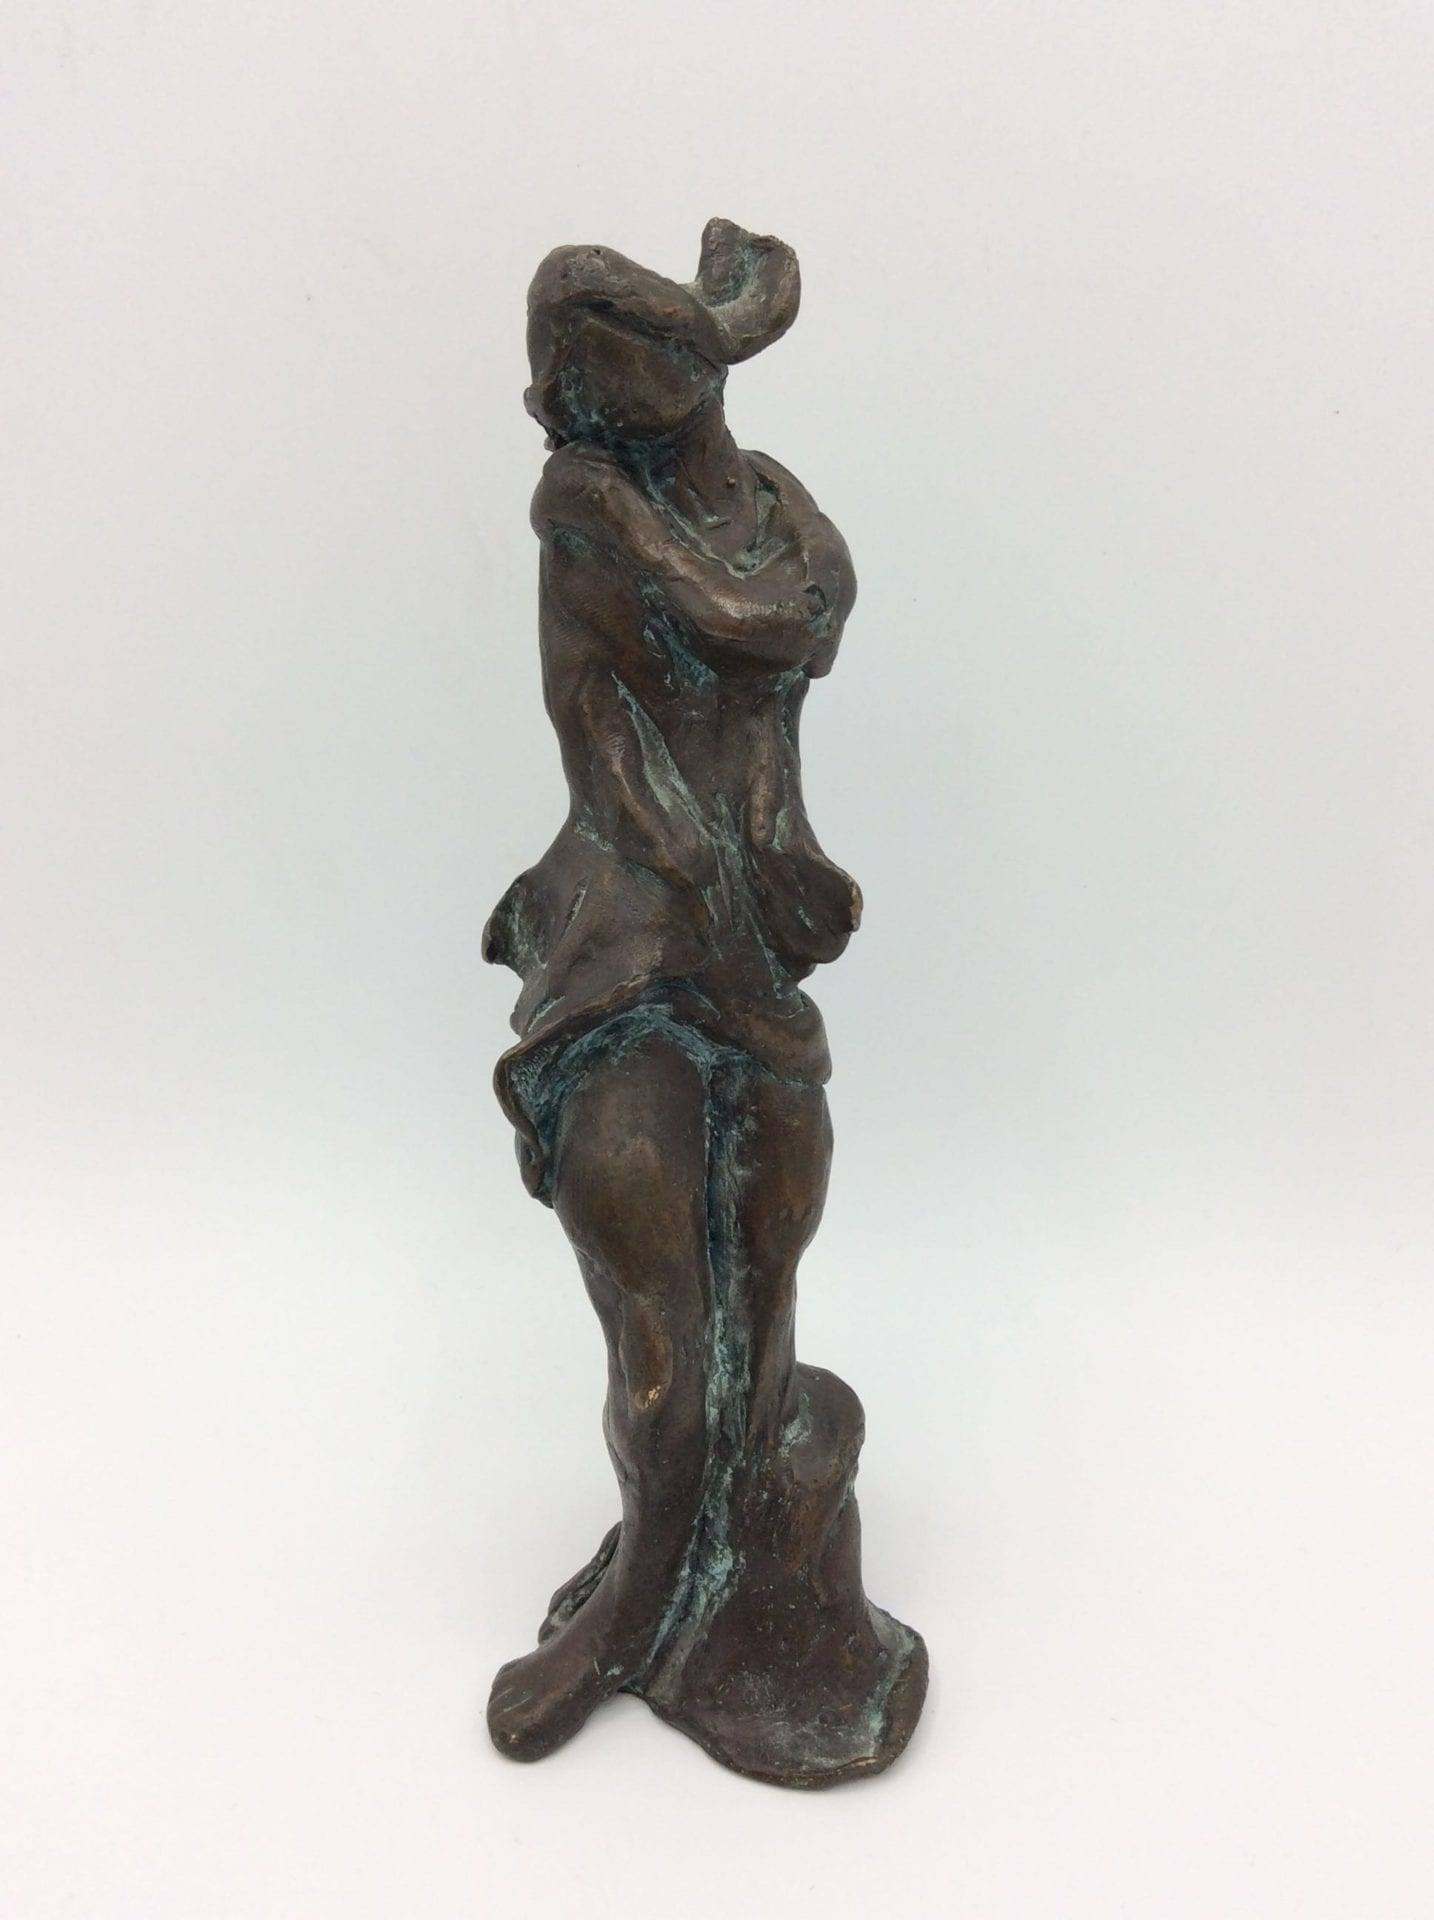 art auction auction house antique antiques european